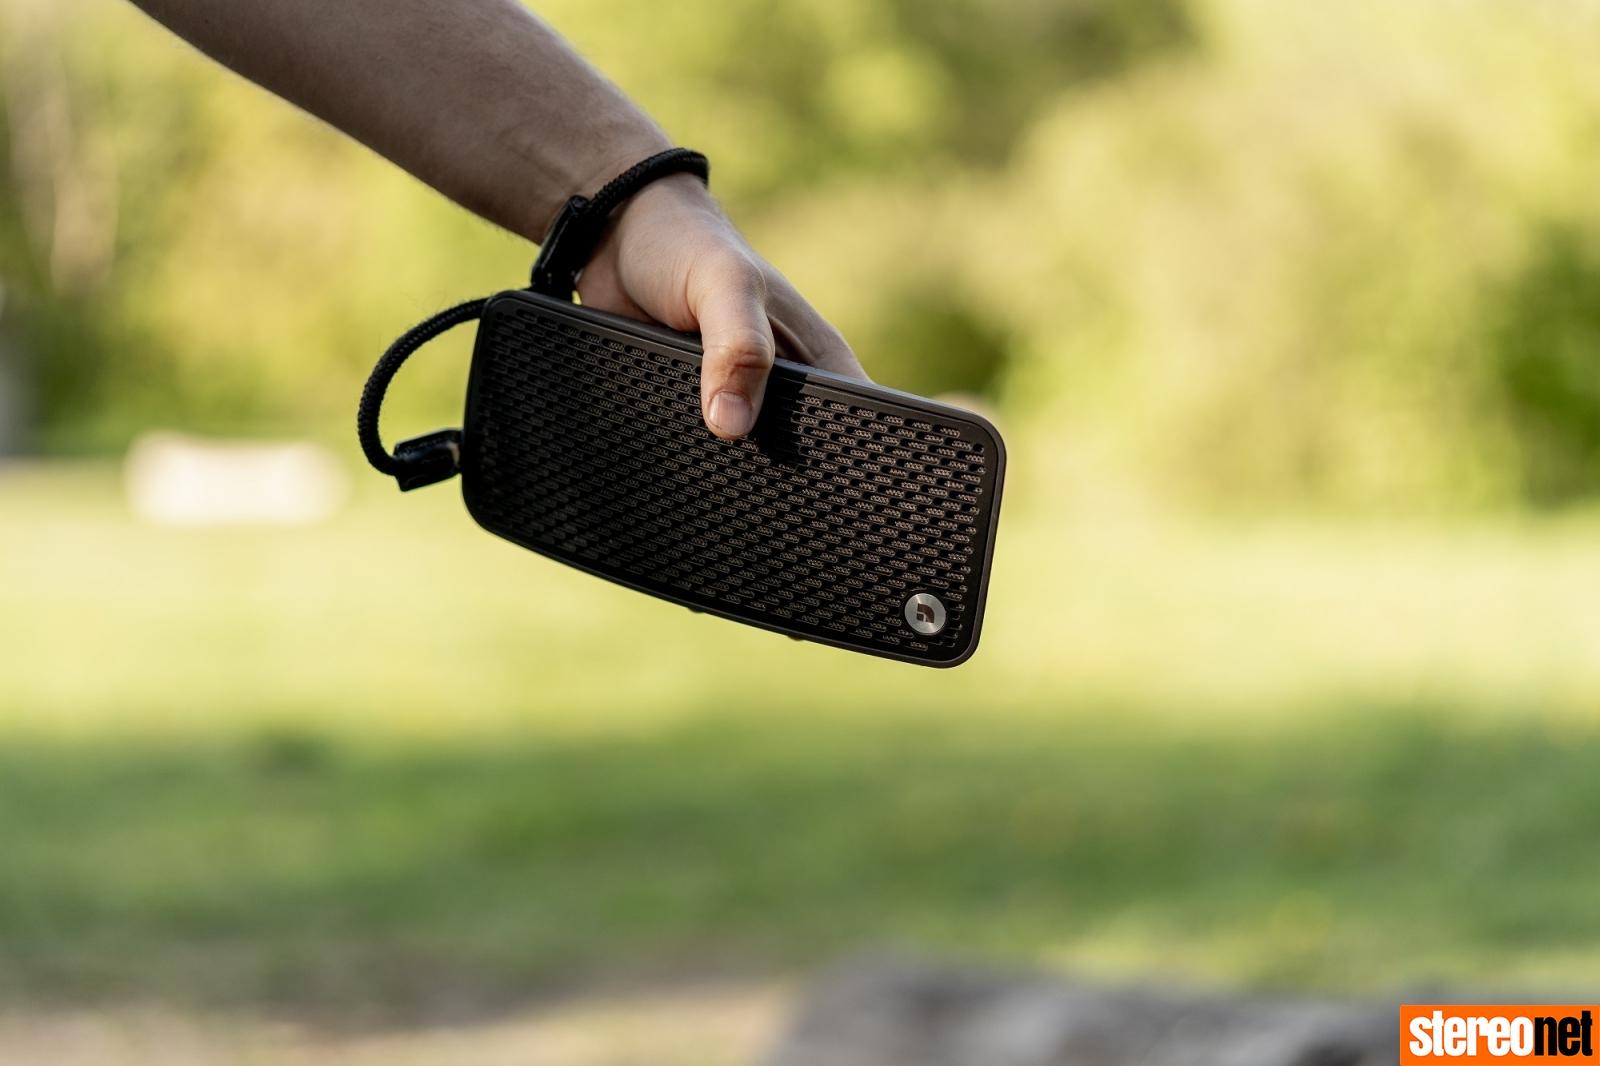 Audio Pro P5 portable speaker